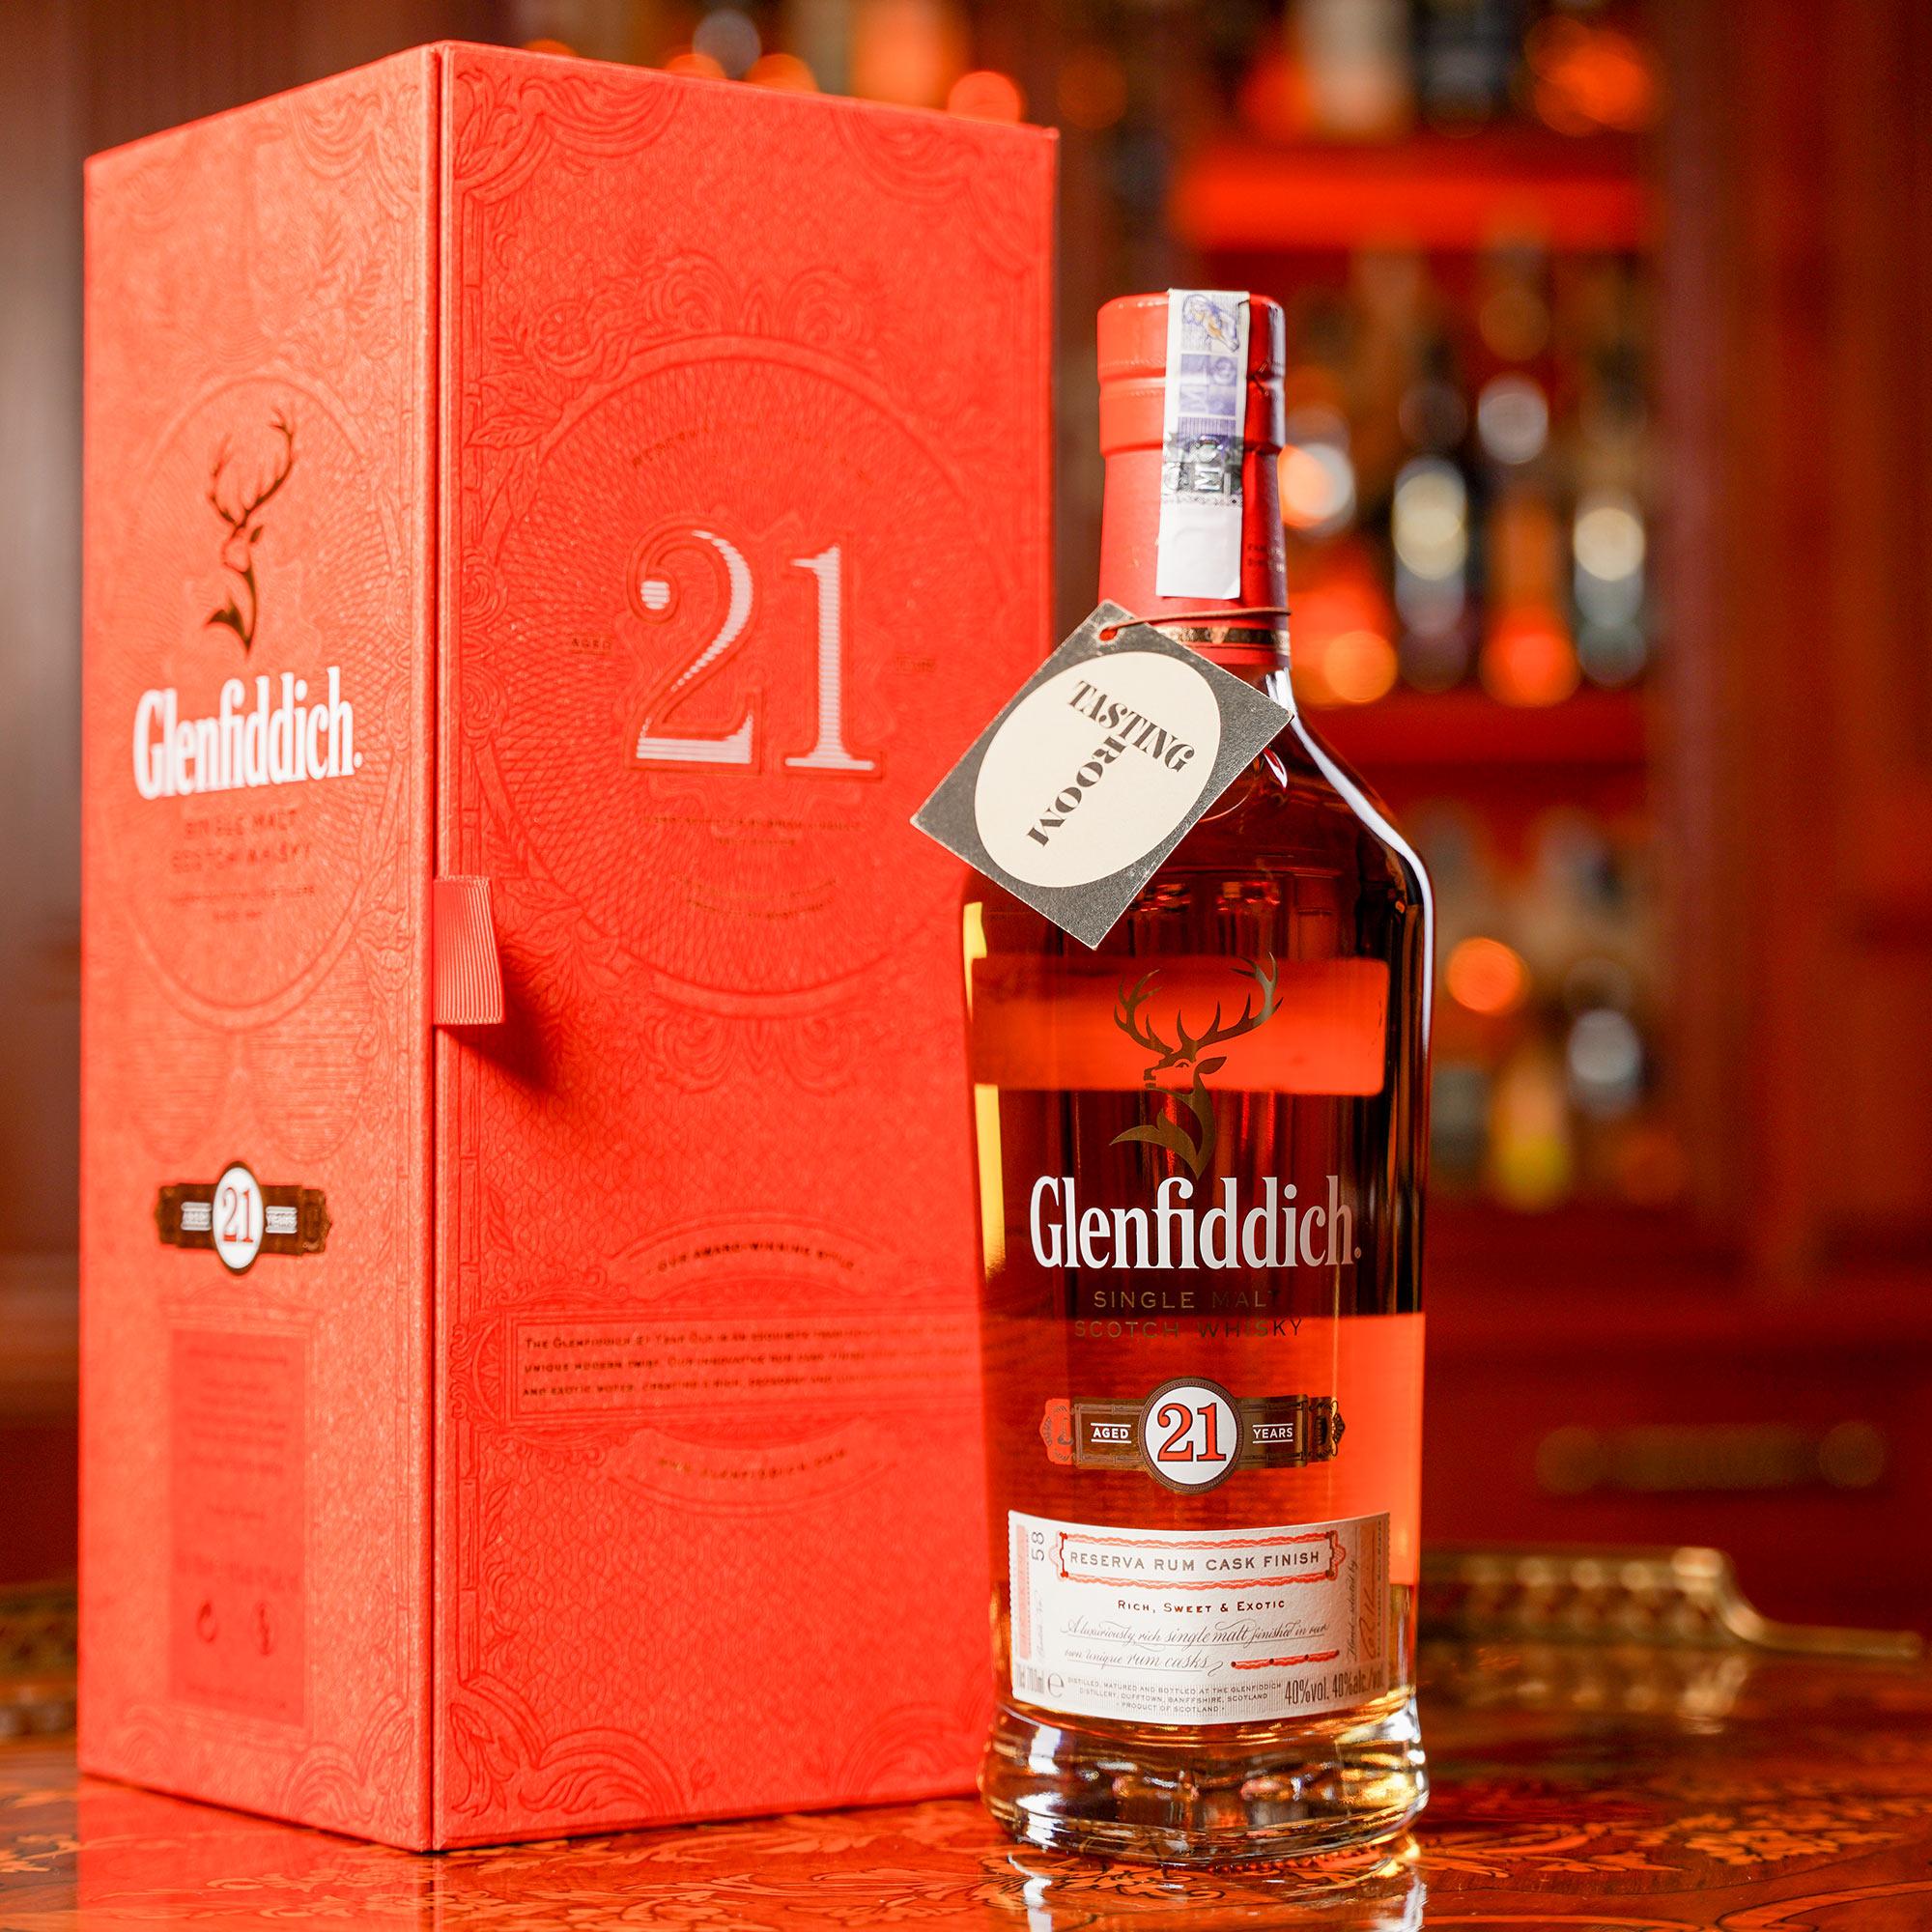 Glenfiddich 21 YO Reserva Rum Cask Finish /Гленфидих 21 годишен Резерва Ром Каск Финиш